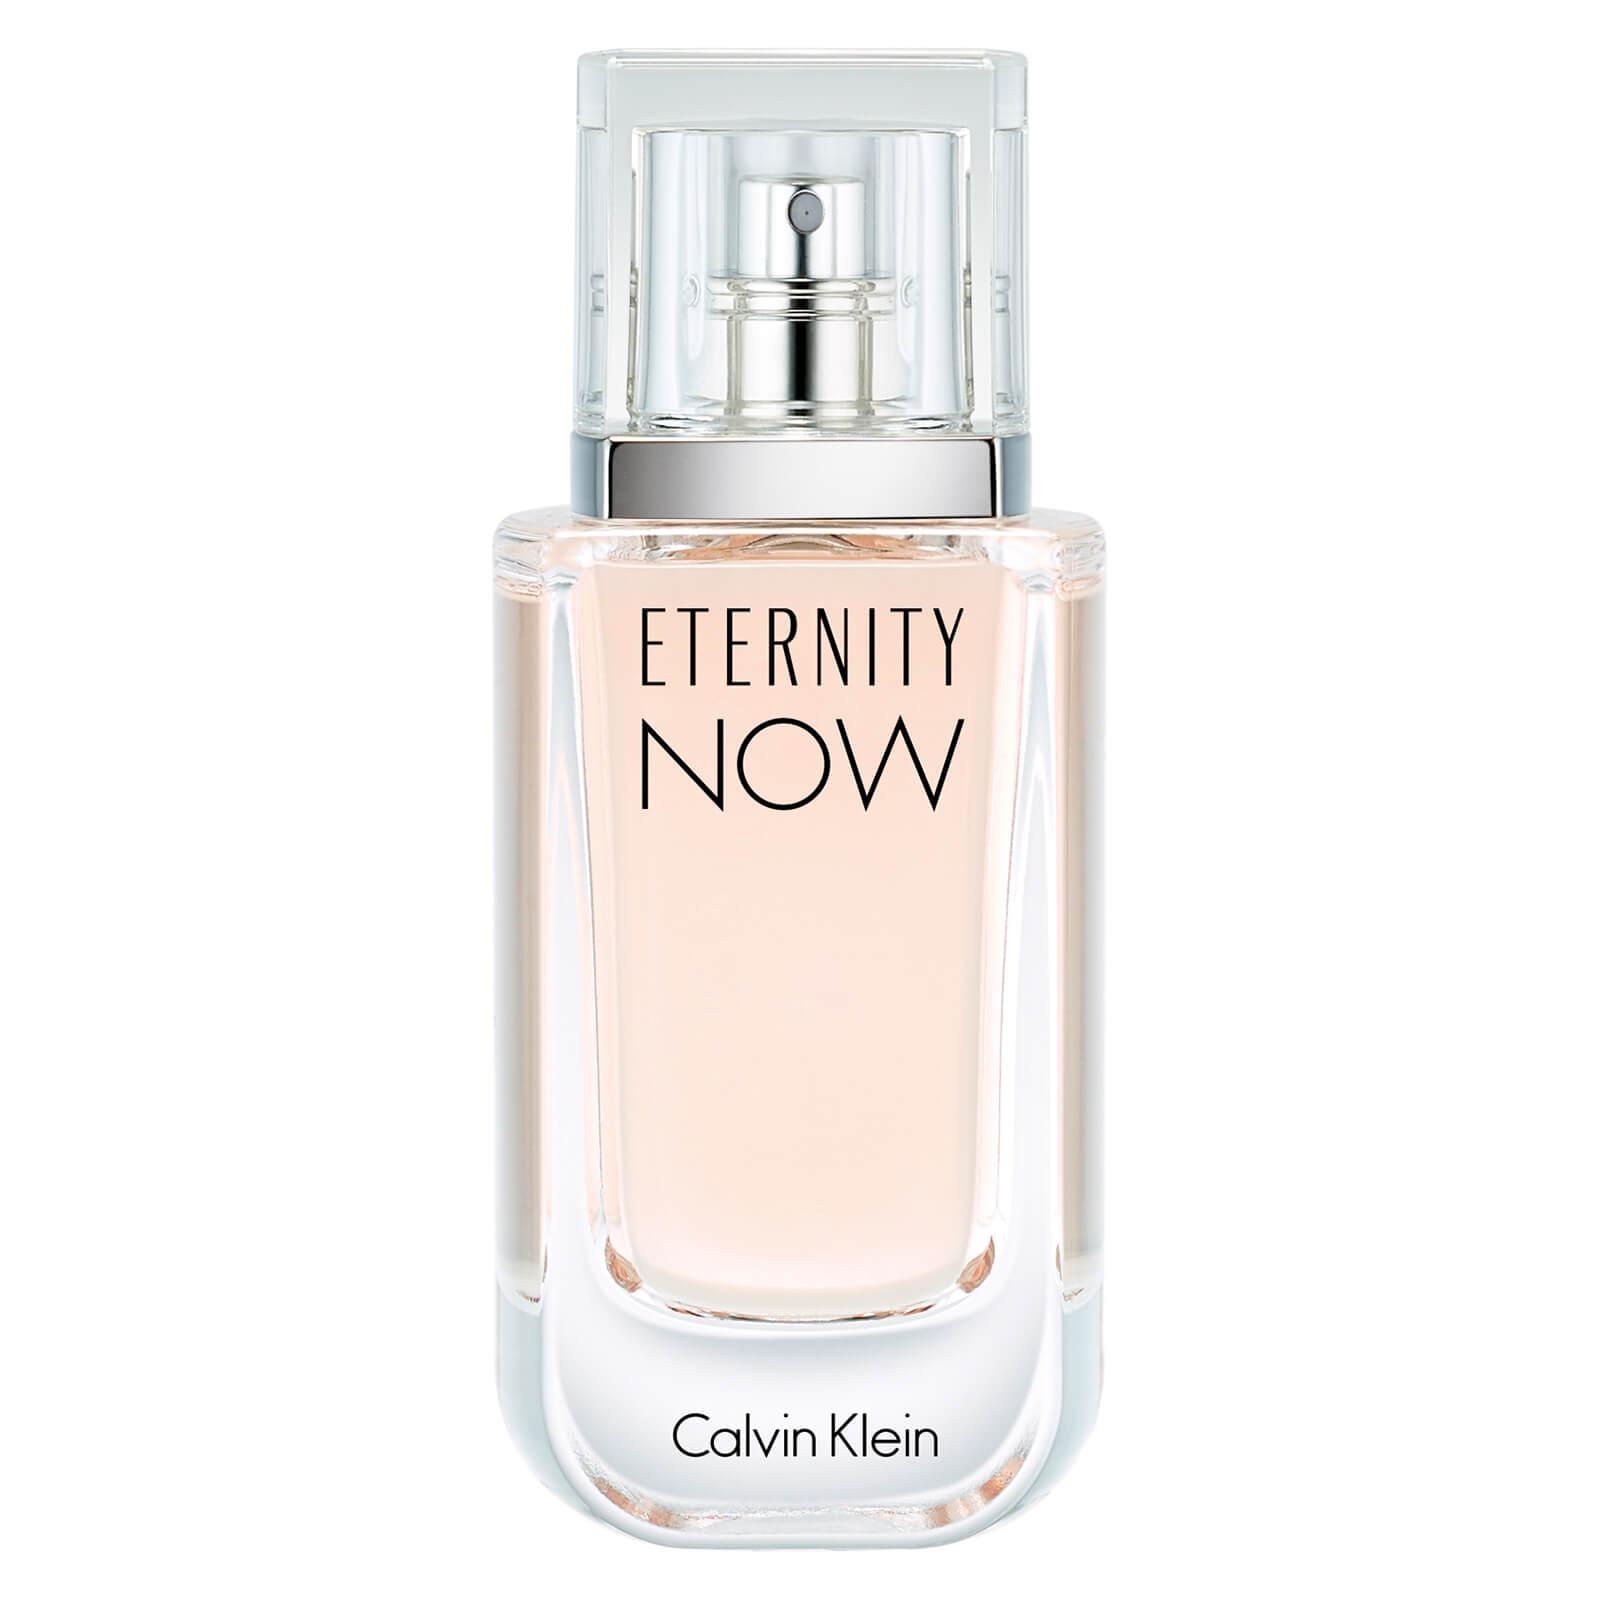 Calvin Klein Eternity Now for Women Eau de Parfum - 30ml